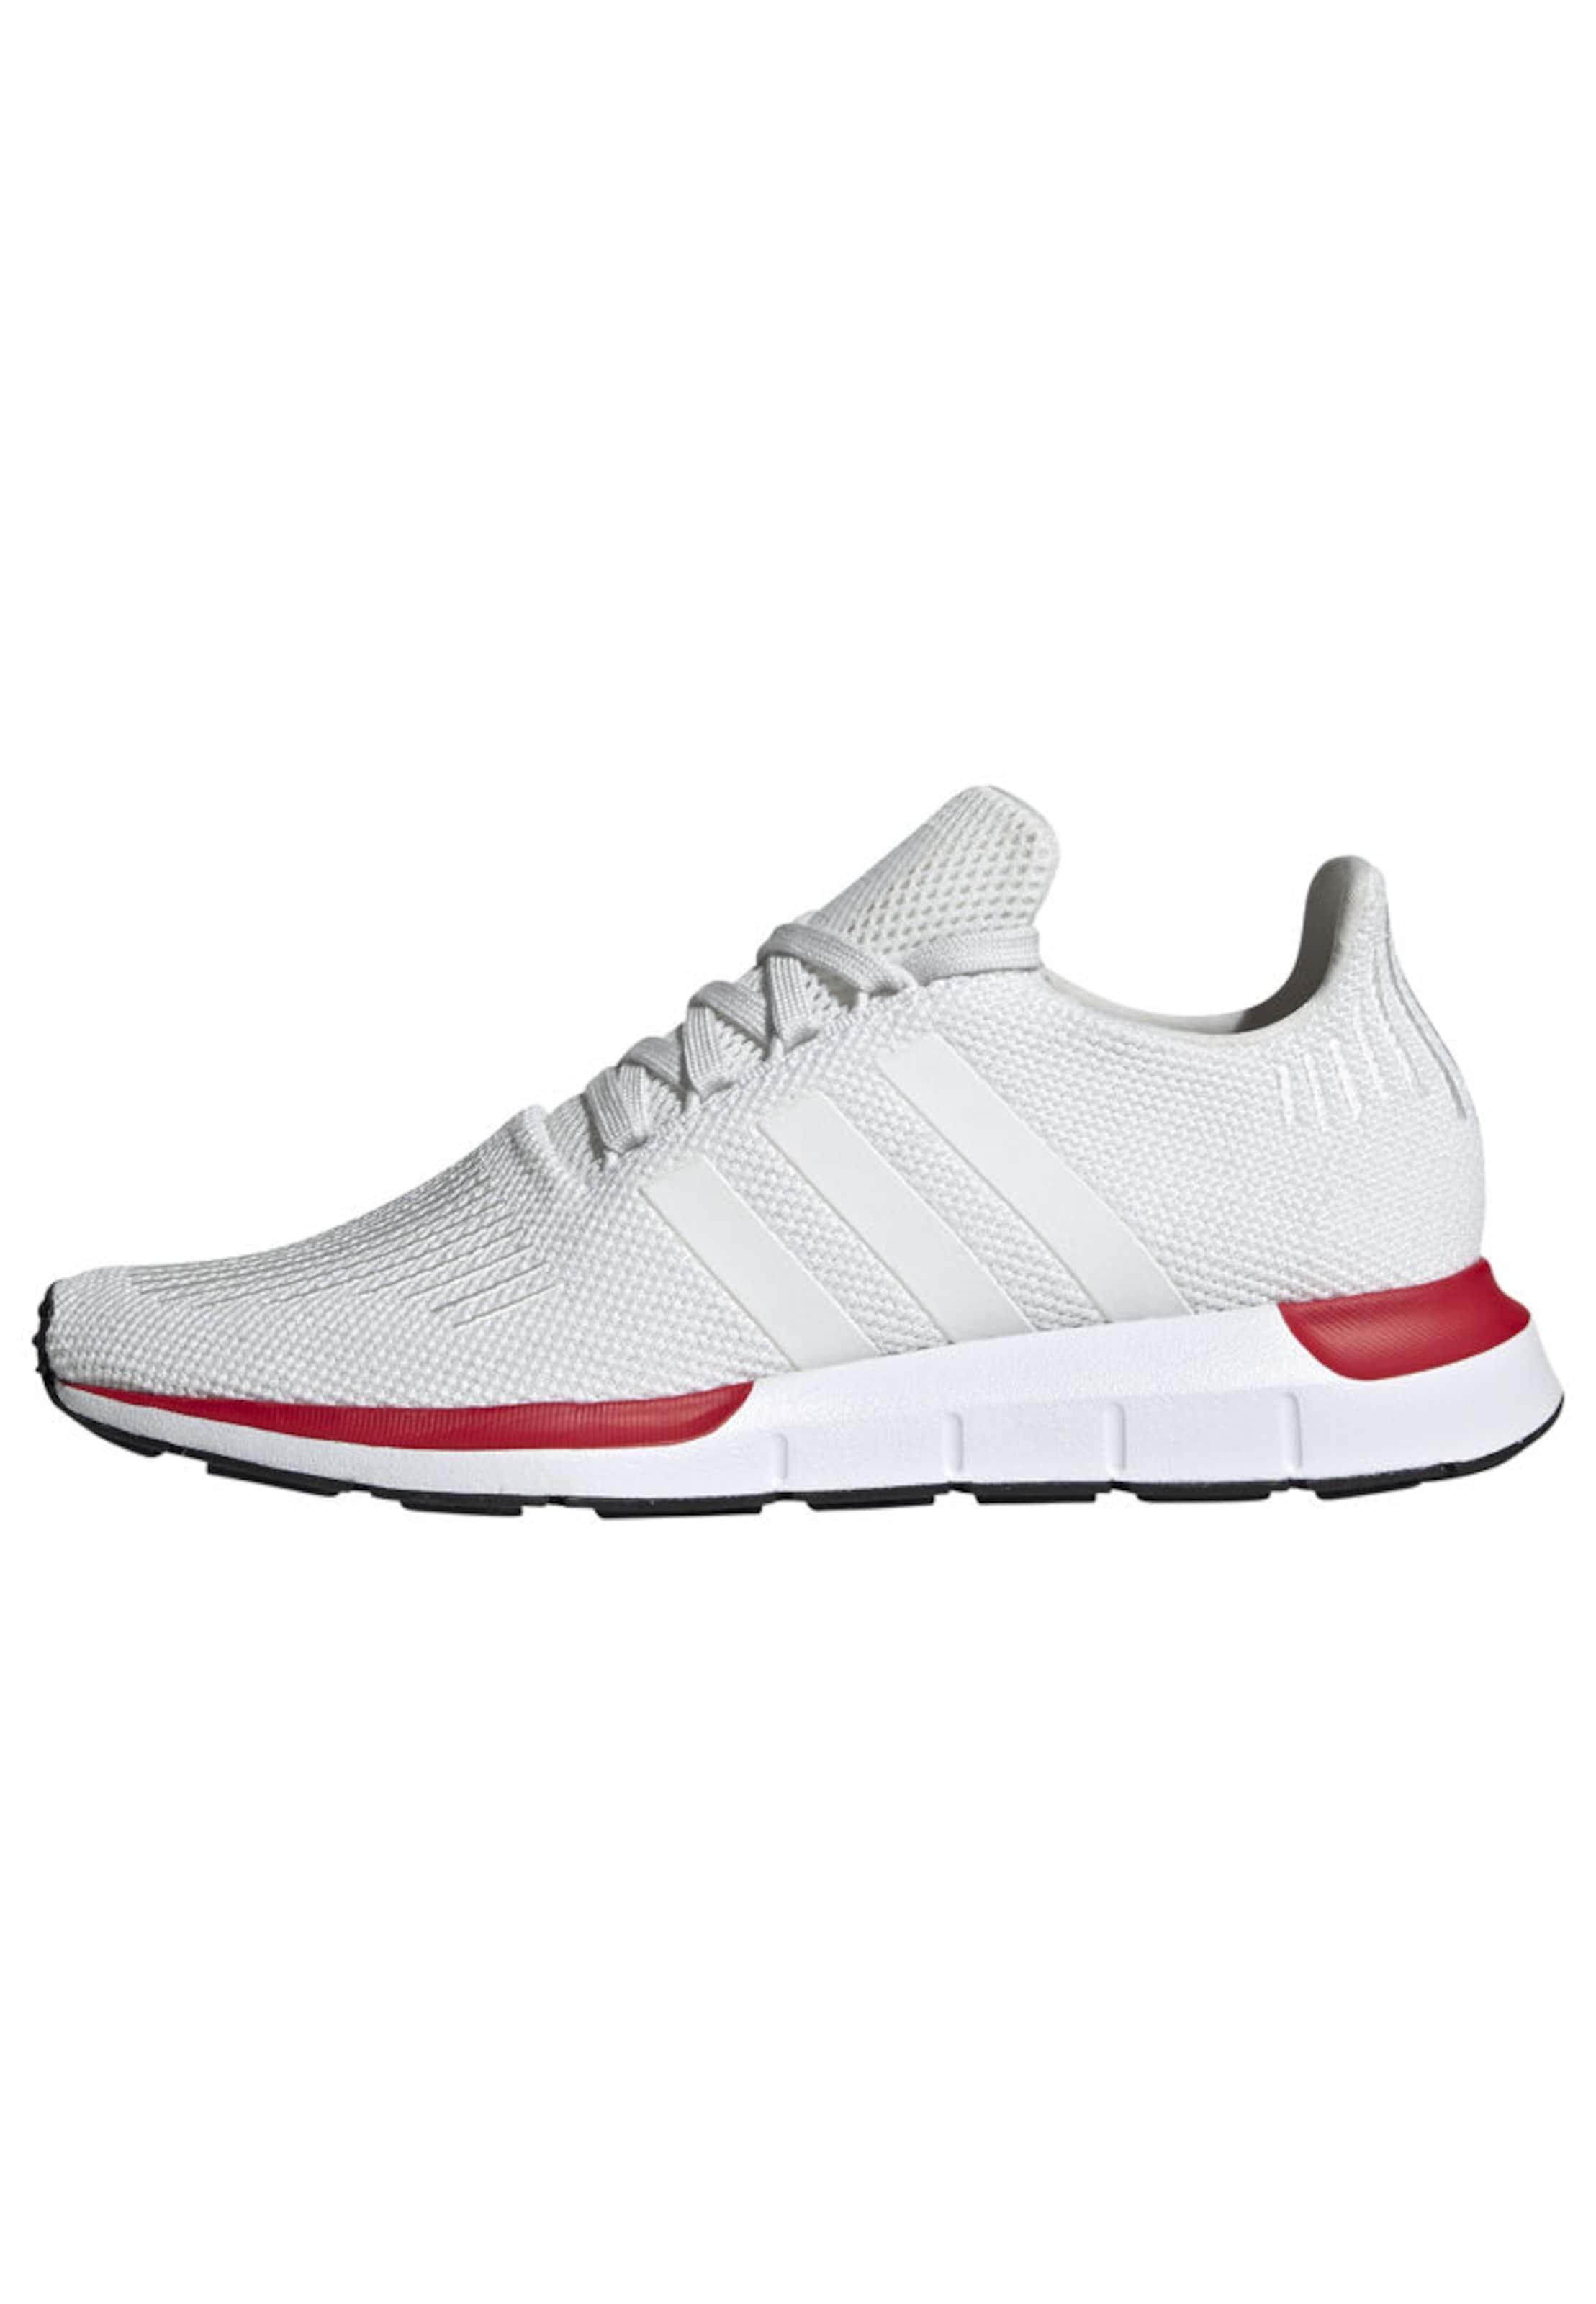 Run' Sneaker In Originals 'swift Weiß Adidas WHEIYbDe29